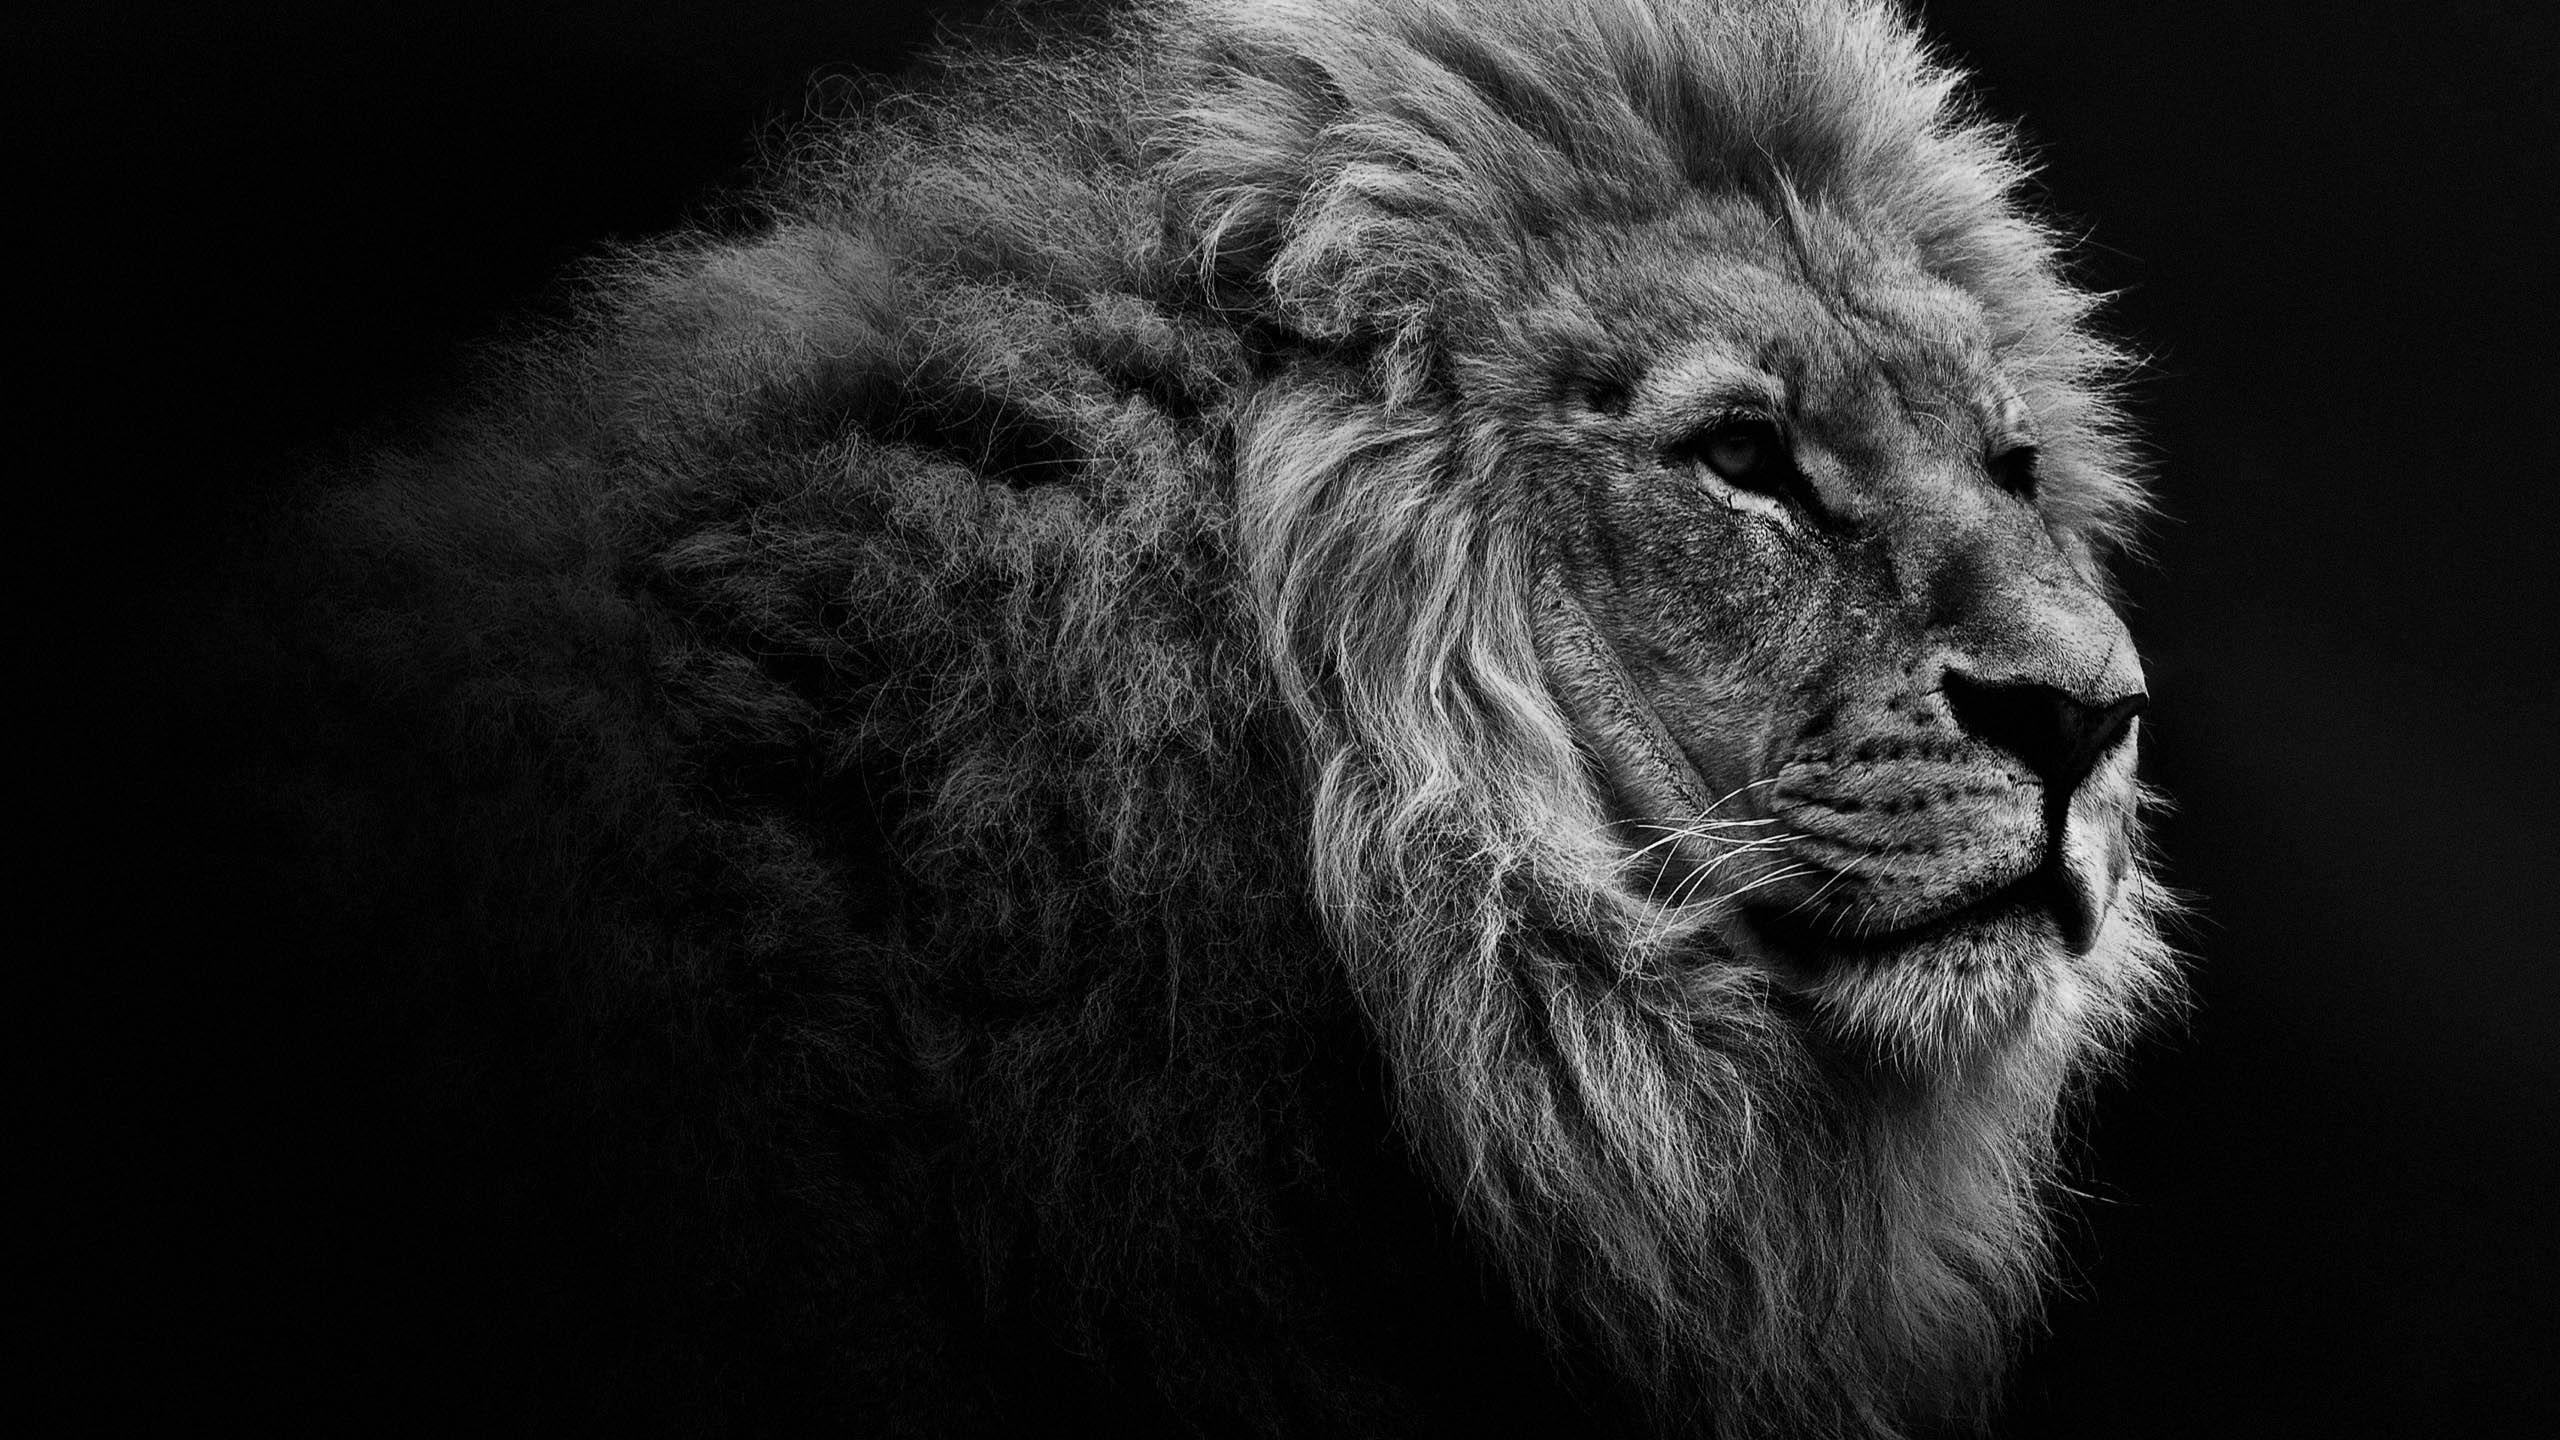 Images Hd Desktop Wallpaper Lion Pictures Animals Lions Photos